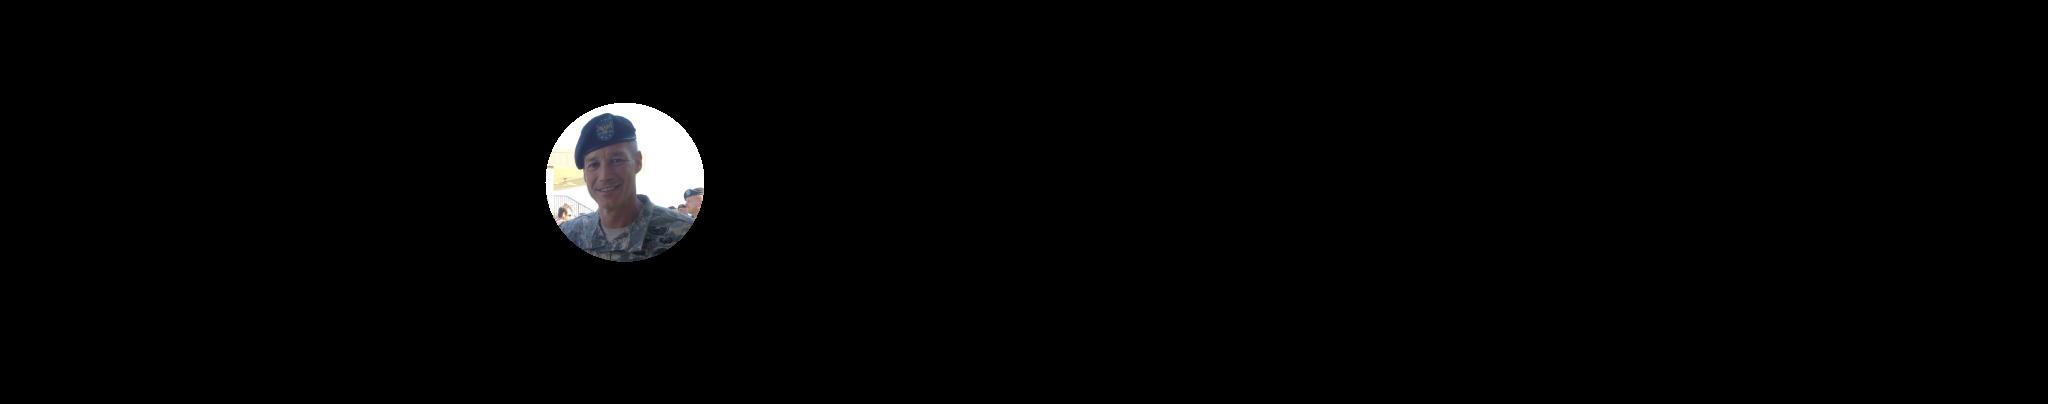 paul-bontrager-testimonial-100.png